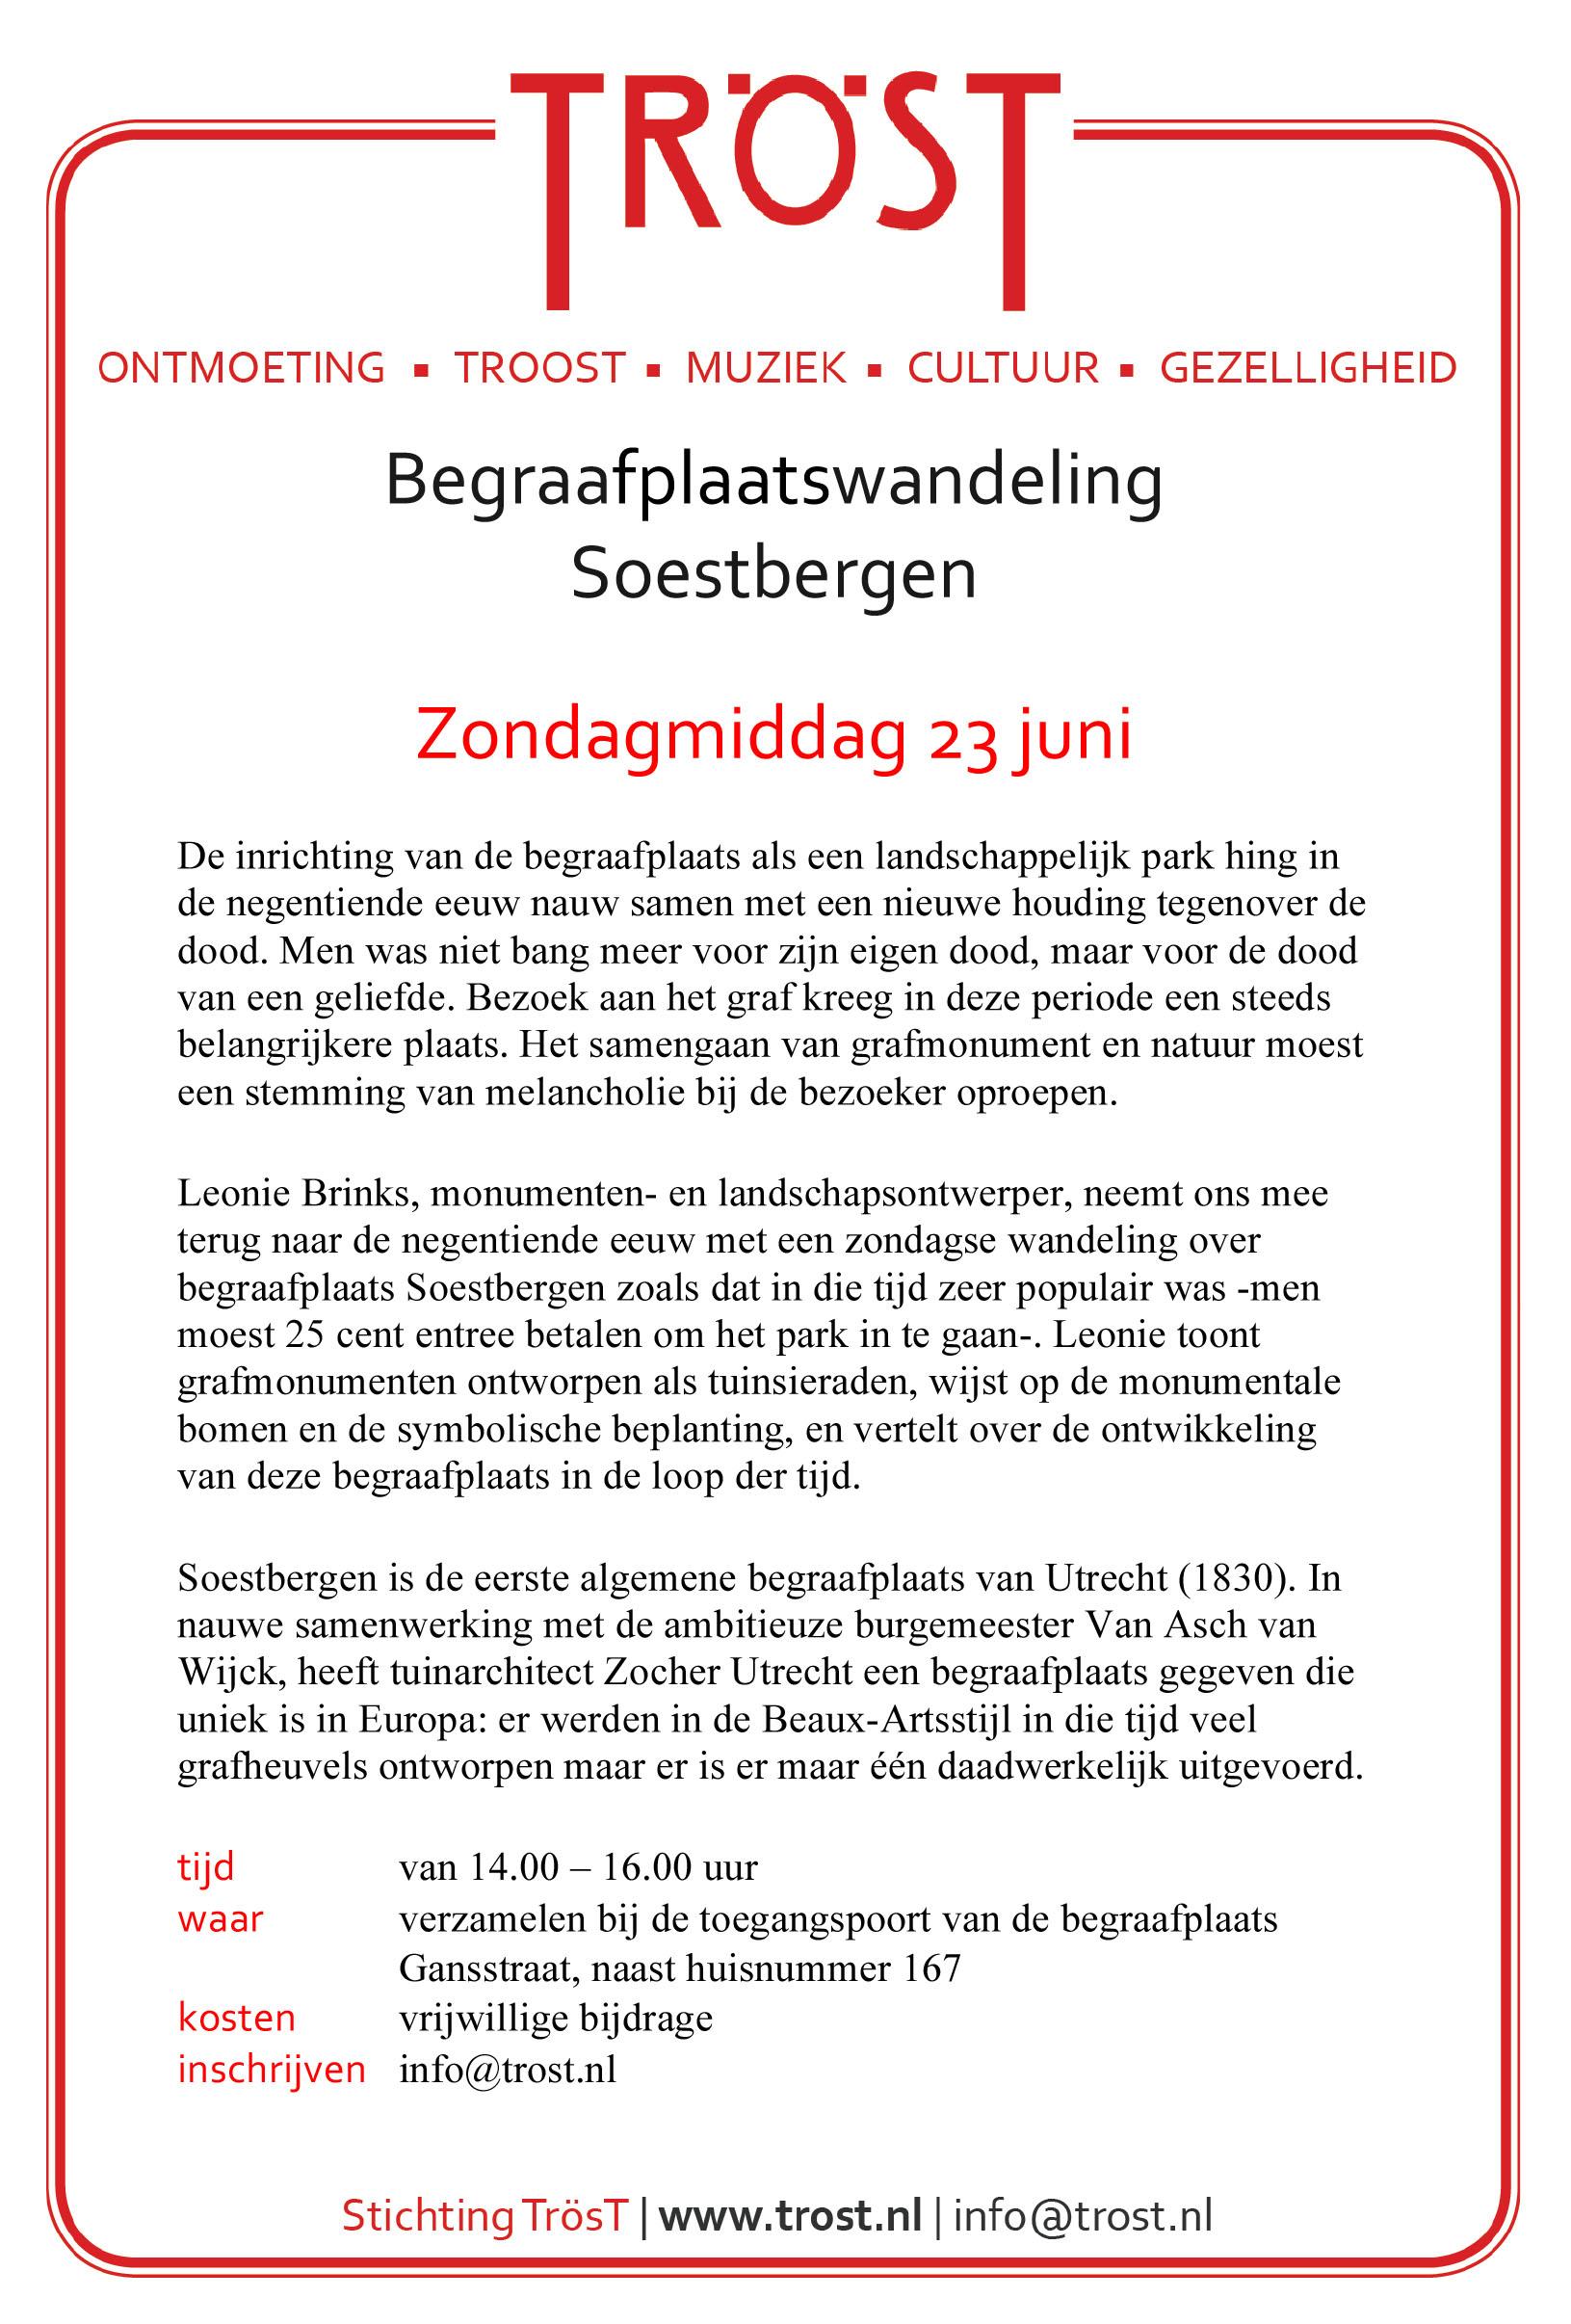 Flyer over begraafplaatswandeling op Soestbergen op 23 juni, organisatie: Stichting TrösT